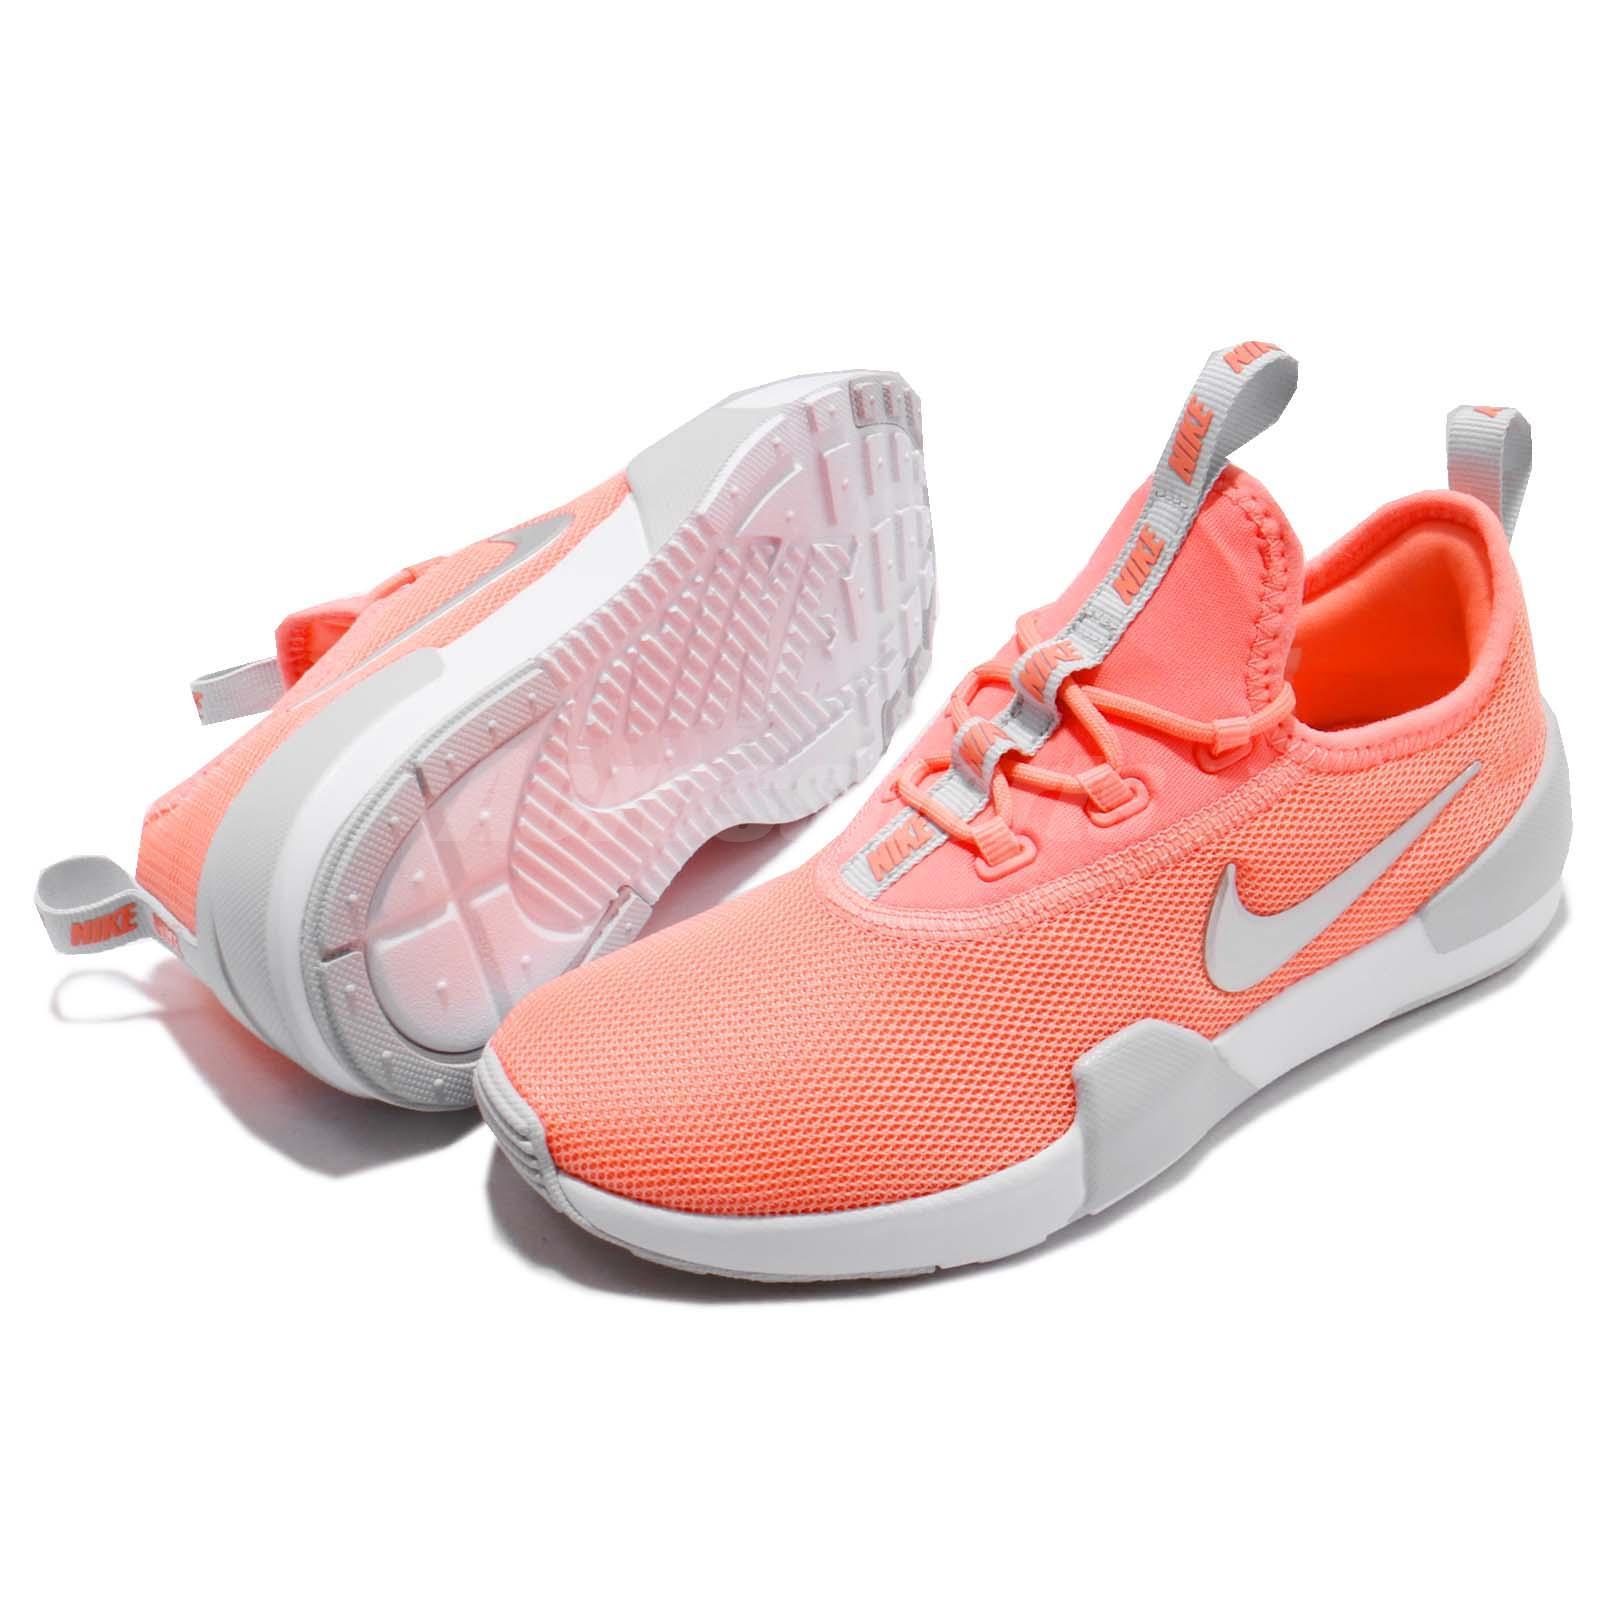 4e375e257 Nike Ashin Modern PS Pink Silver Preschool Kids Girls Running Shoes ...